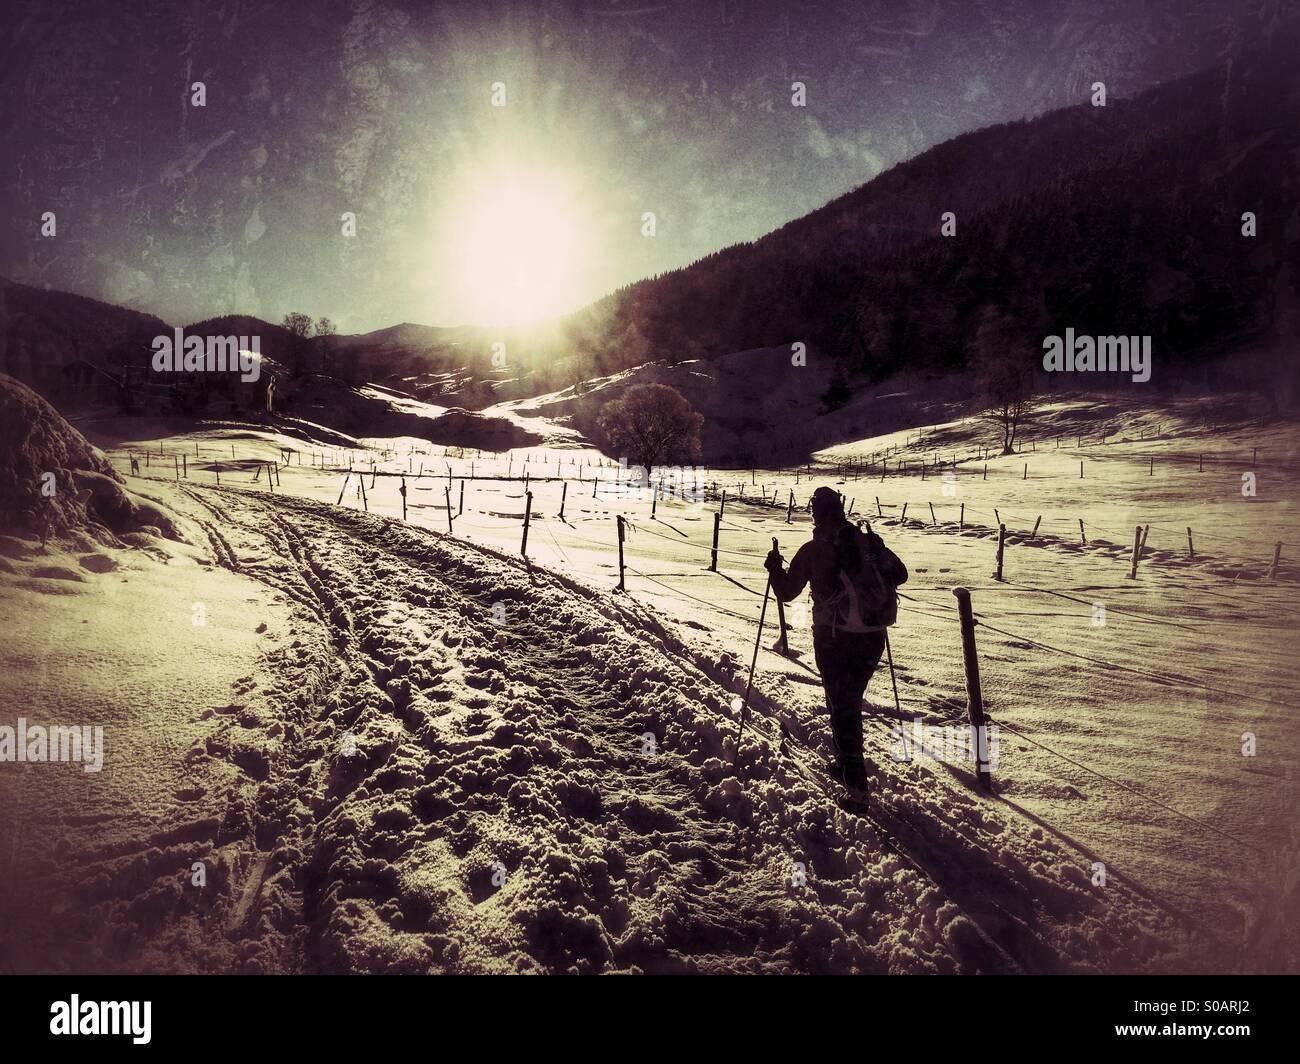 Ski de fond suivant un passage dans la neige. Photo Stock